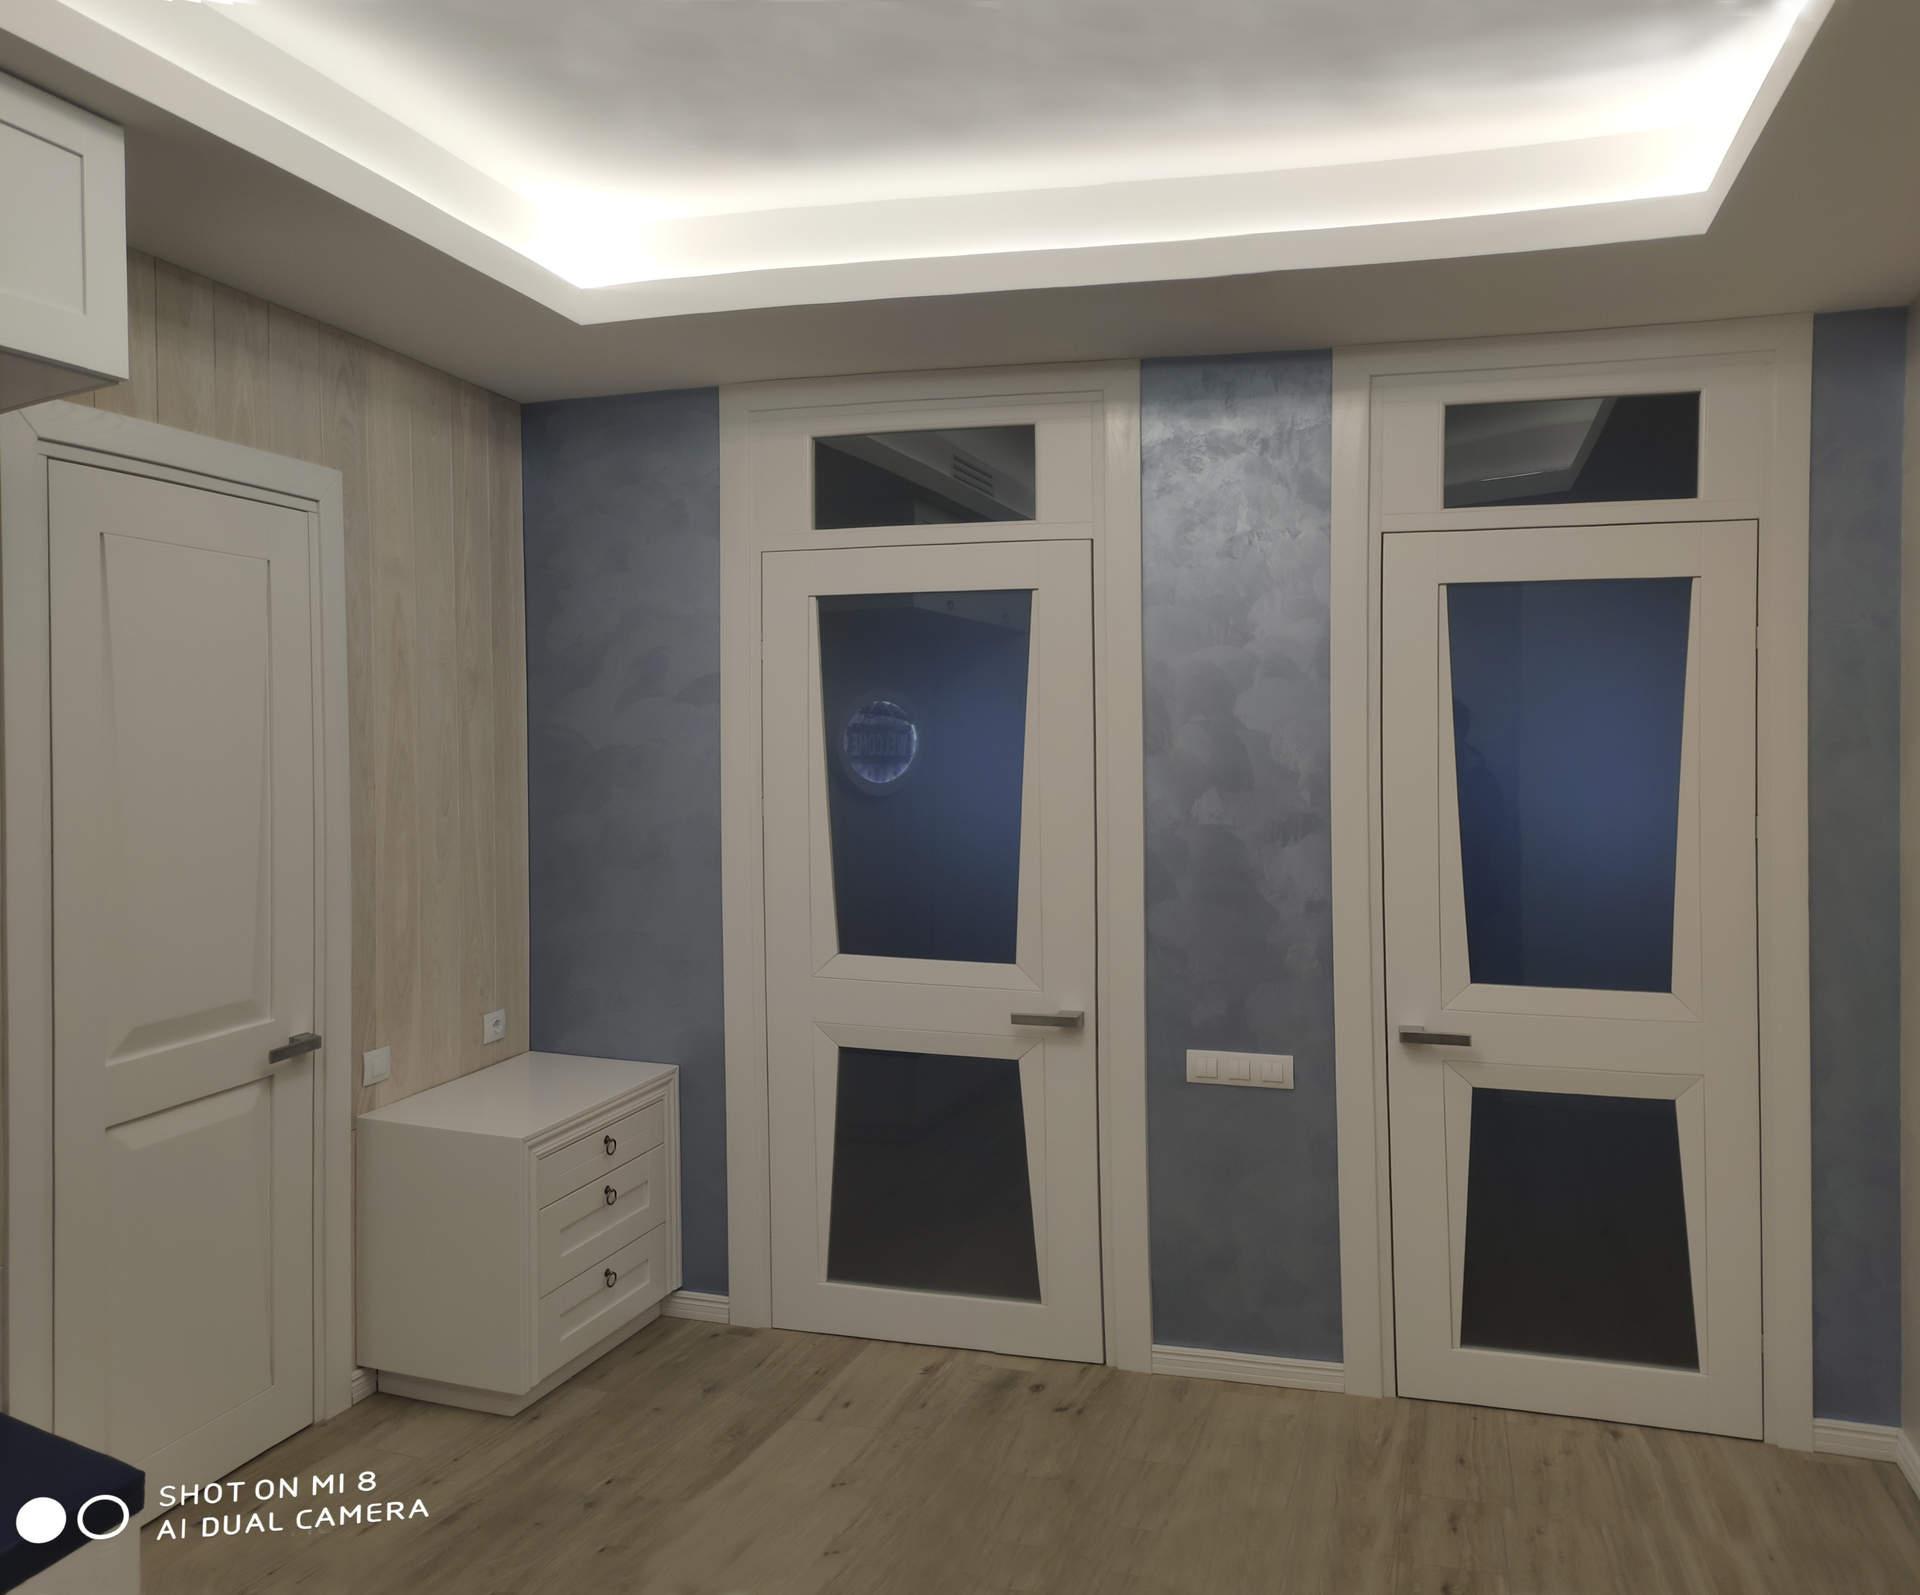 Ремонт в ЖК Альтер-Эго дизайн интерьера до после фото 3